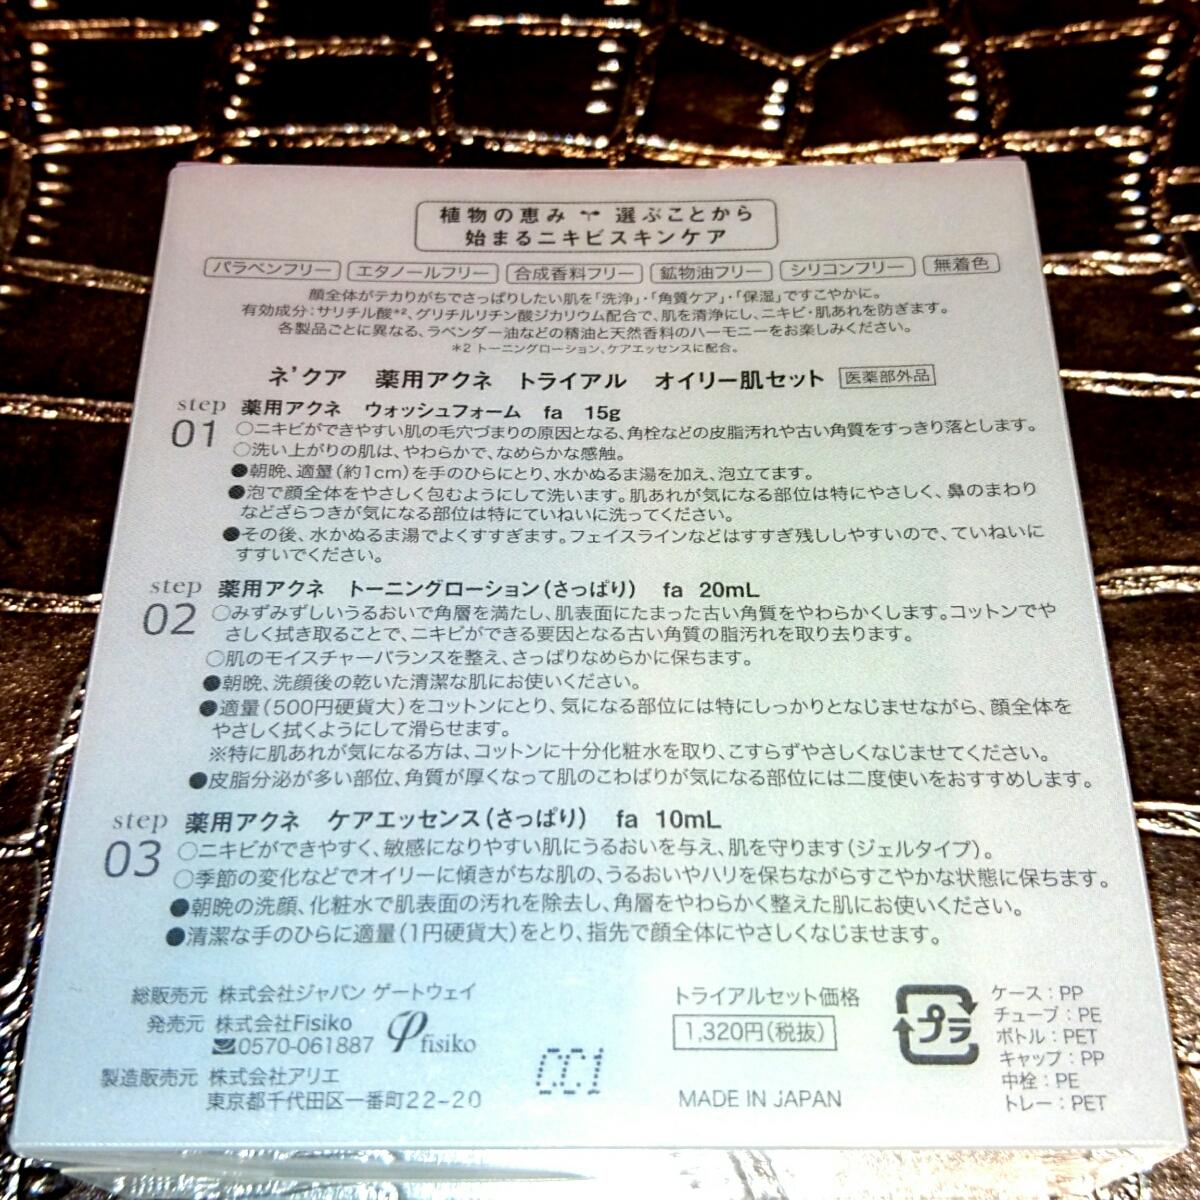 定価1425円 ニキビ 7日間 薬用 トライアル 3点 セット 一週間 オイリー肌 テカリ防止 ニキビ予防 化粧品 基礎化粧品 化粧水 洗顔フォーム _画像3